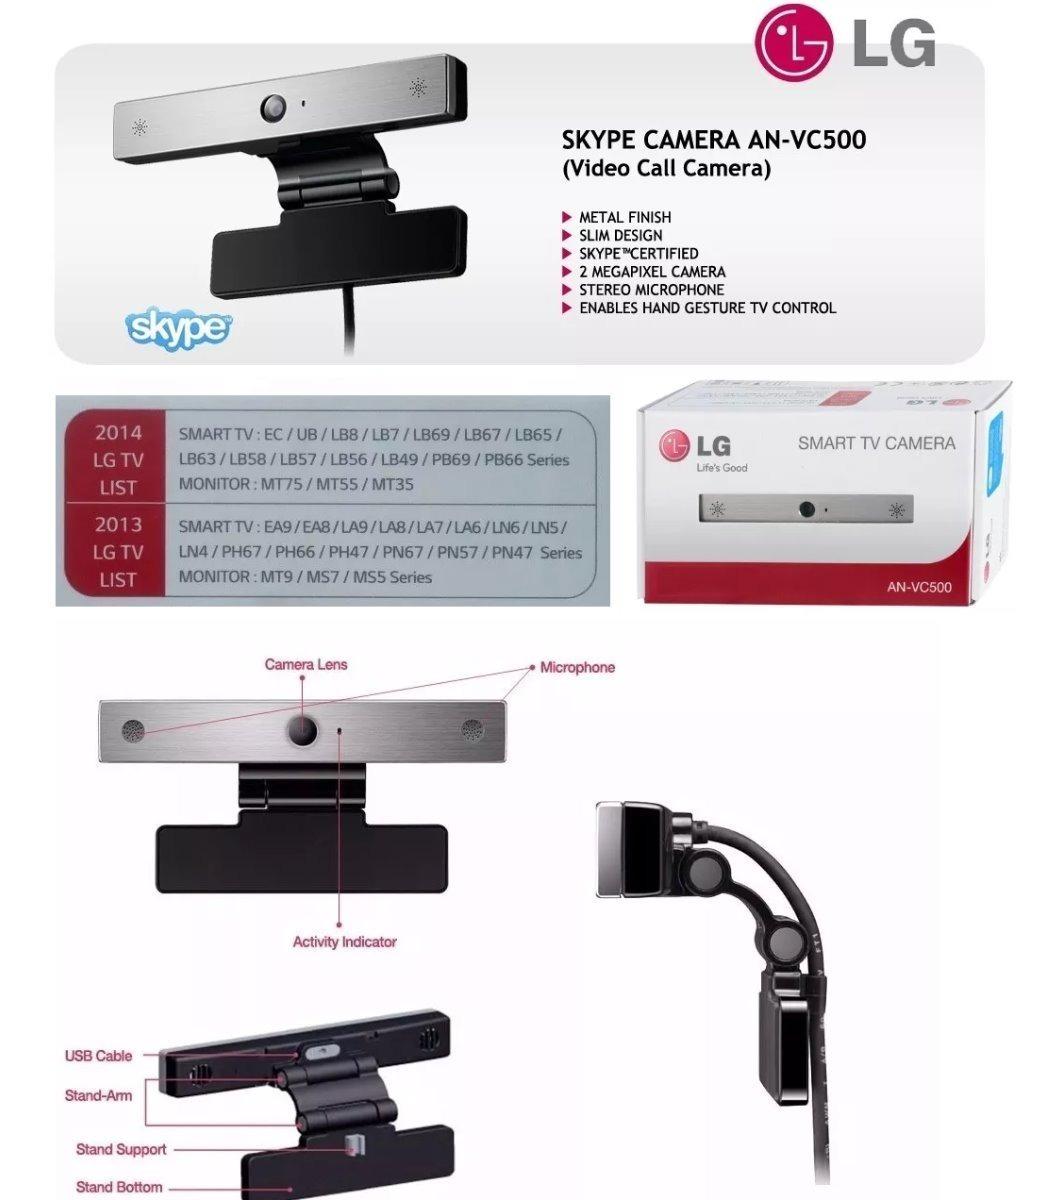 Camara Skype Smart Tv Lg An-vc500 Lineal Ea Eb Ec Ub La Ln